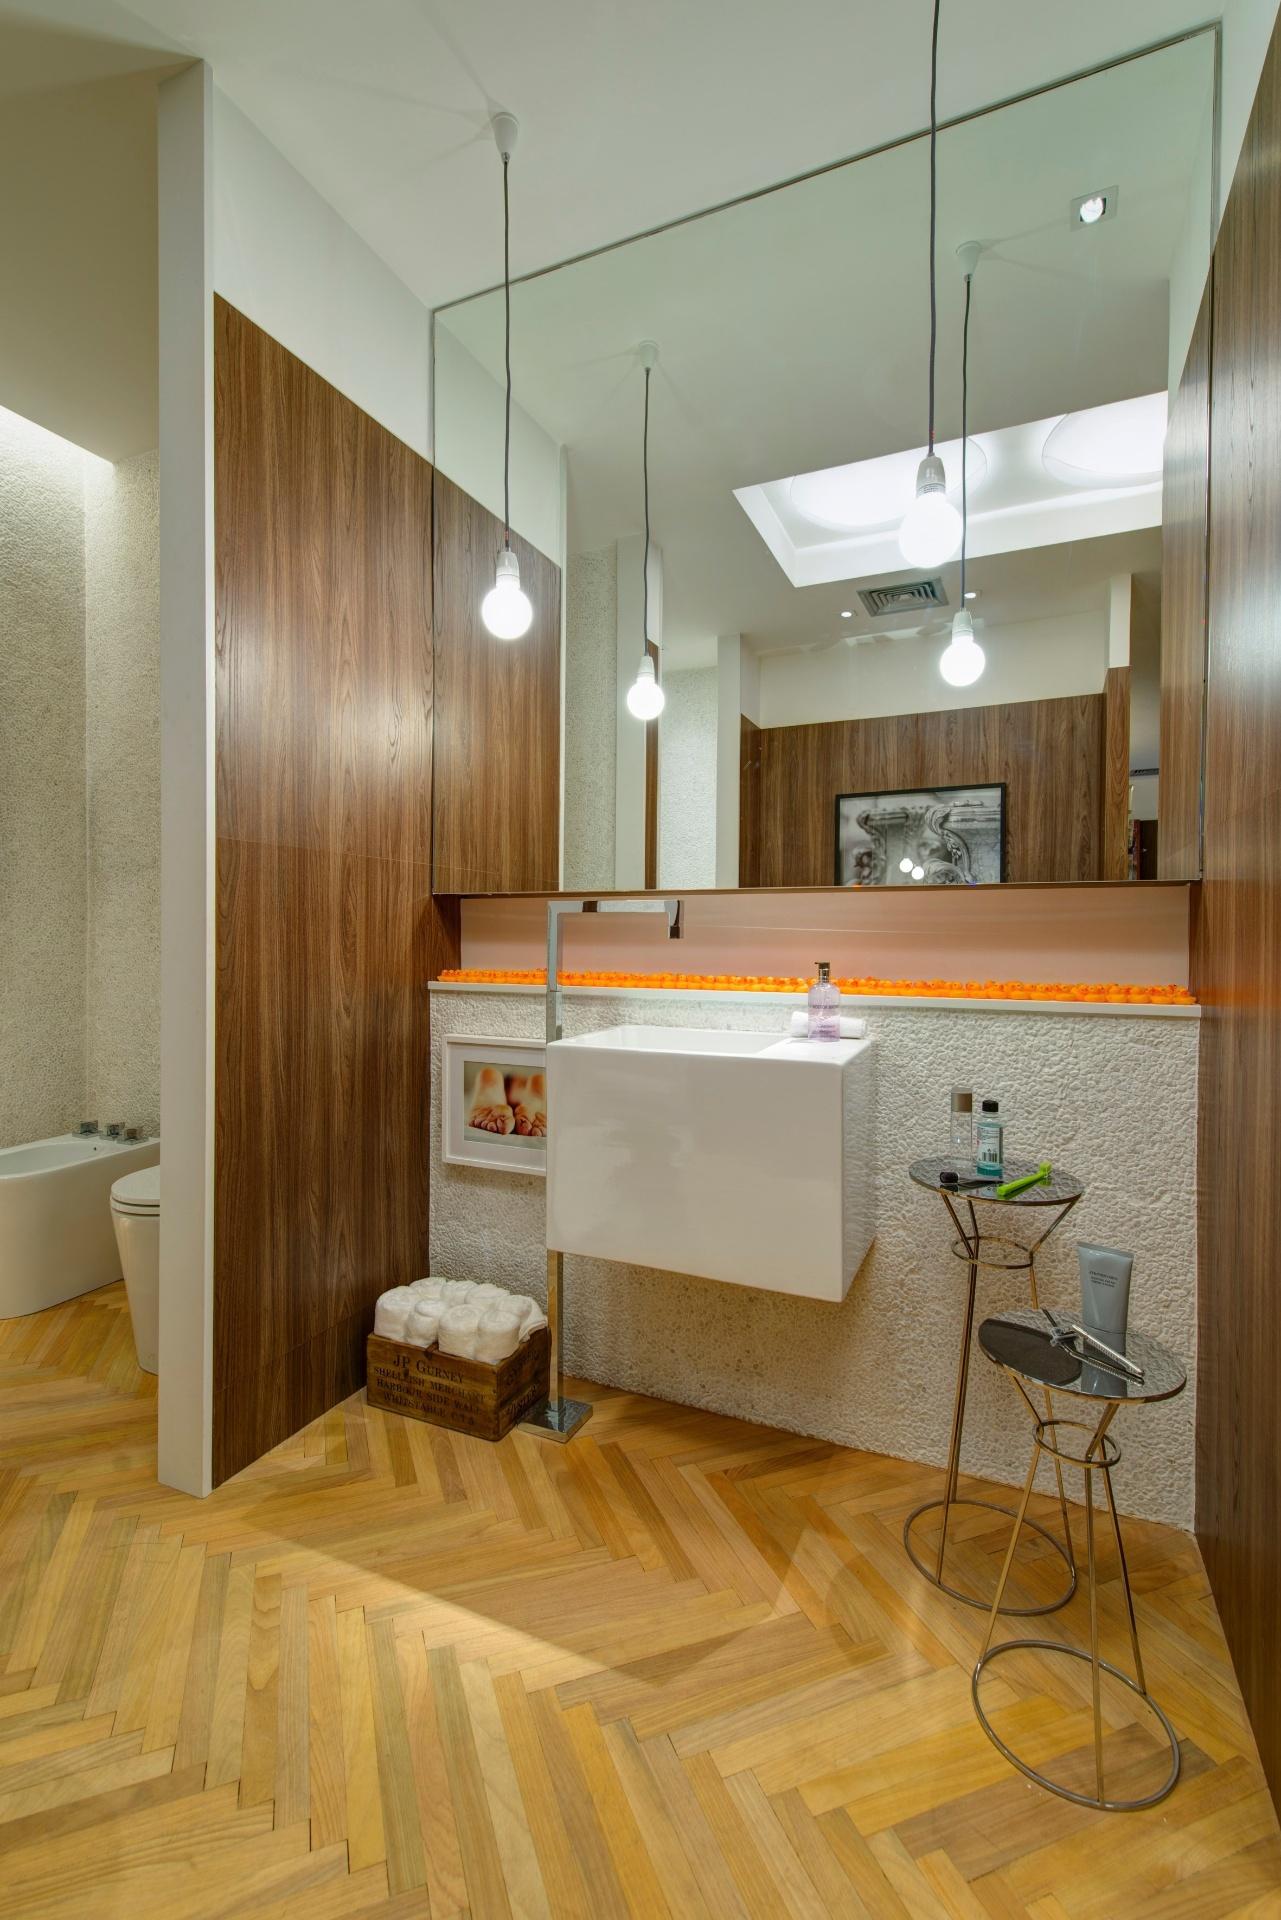 banheiro do Loft do Executivo projetado por Roberto Negrete tem a  #462C0F 1281x1920 Banheiro Acabamento